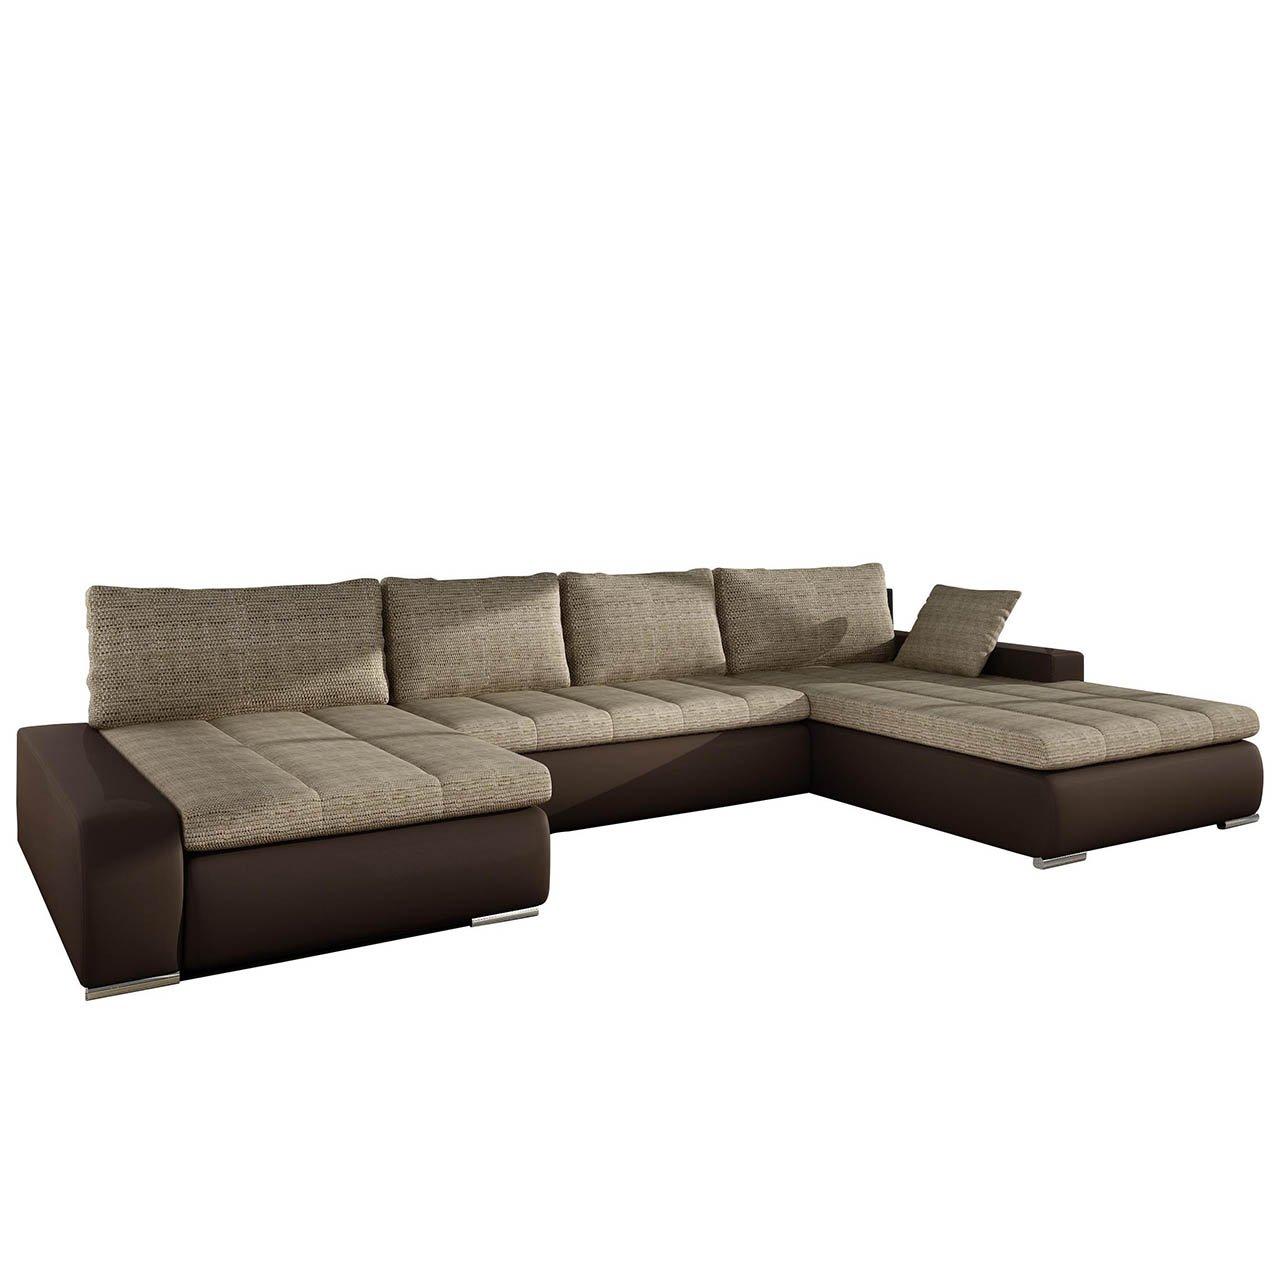 Schön Großes Schlafsofa Referenz Von Großes Design Ecksofa Caro, Elegante U-form Couch,